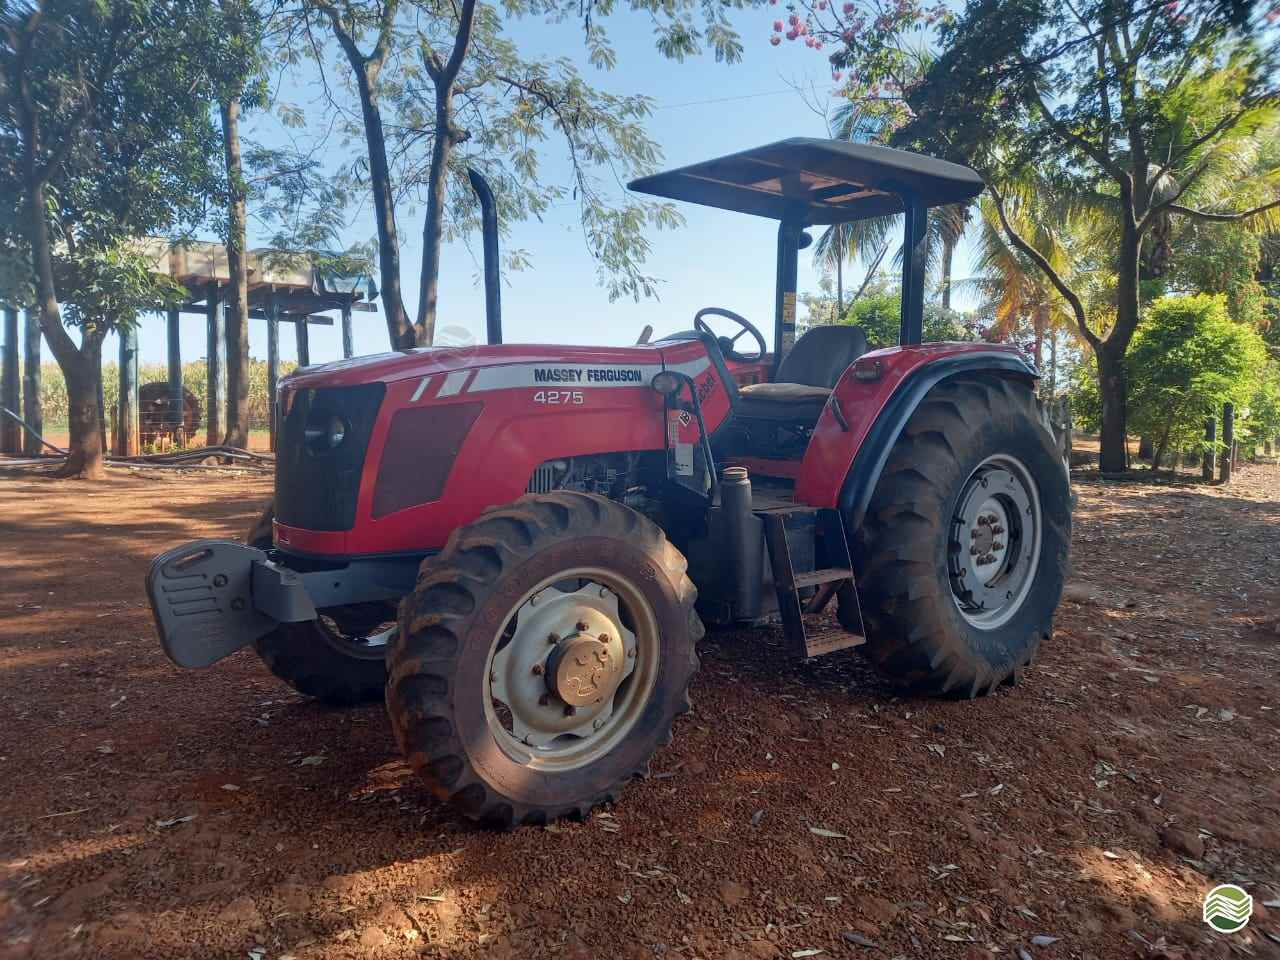 TRATOR MASSEY FERGUSON MF 4275 Tração 4x4 LR Máquinas MIGUELOPOLIS SÃO PAULO SP